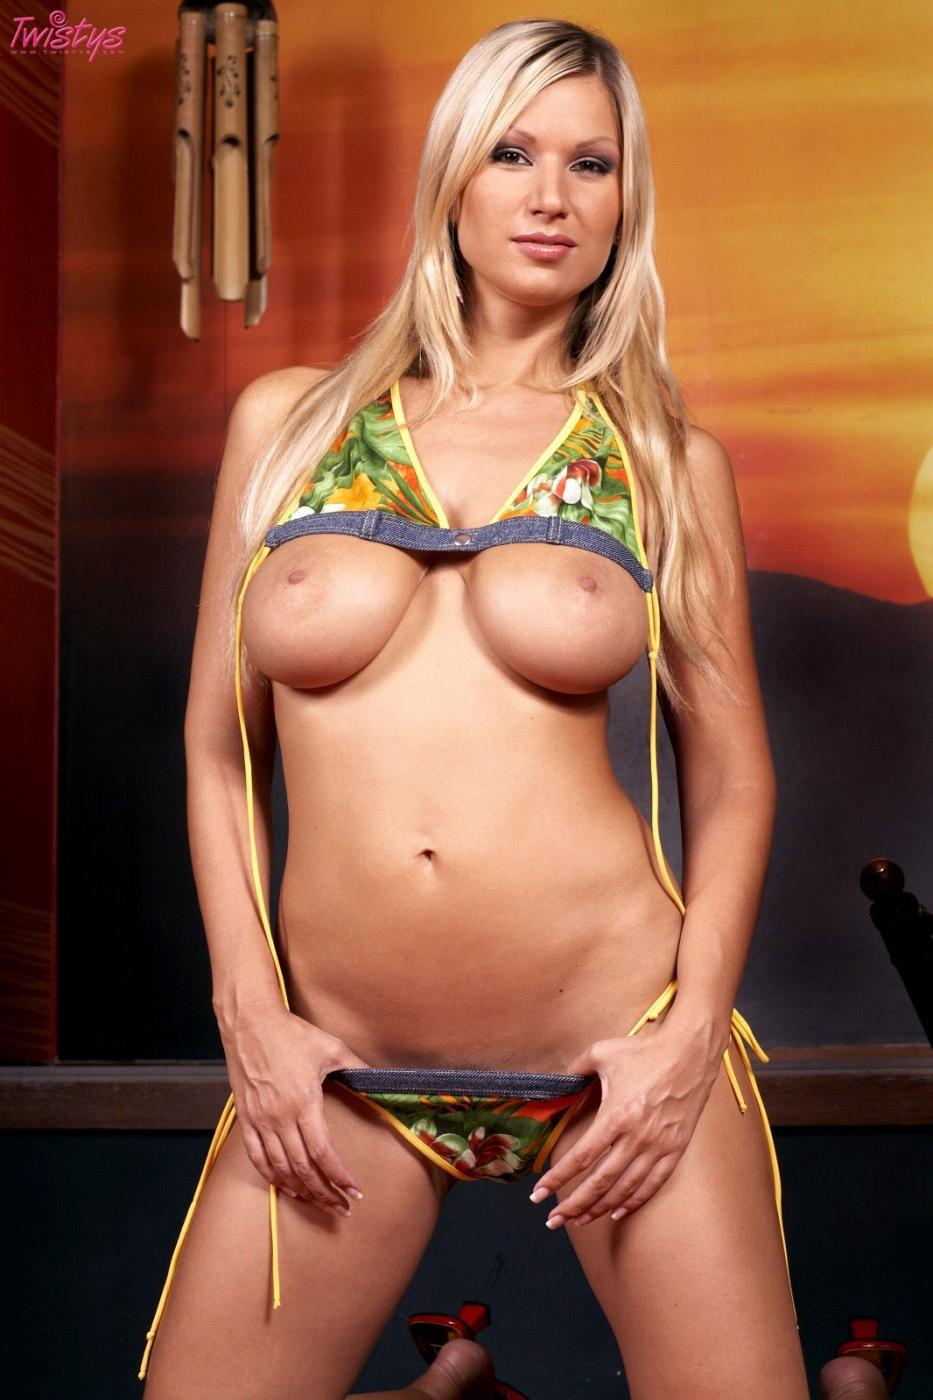 Кэрол Голднерова с огроменными буферами и жадной до дилдо писькой снимает с себя бикини